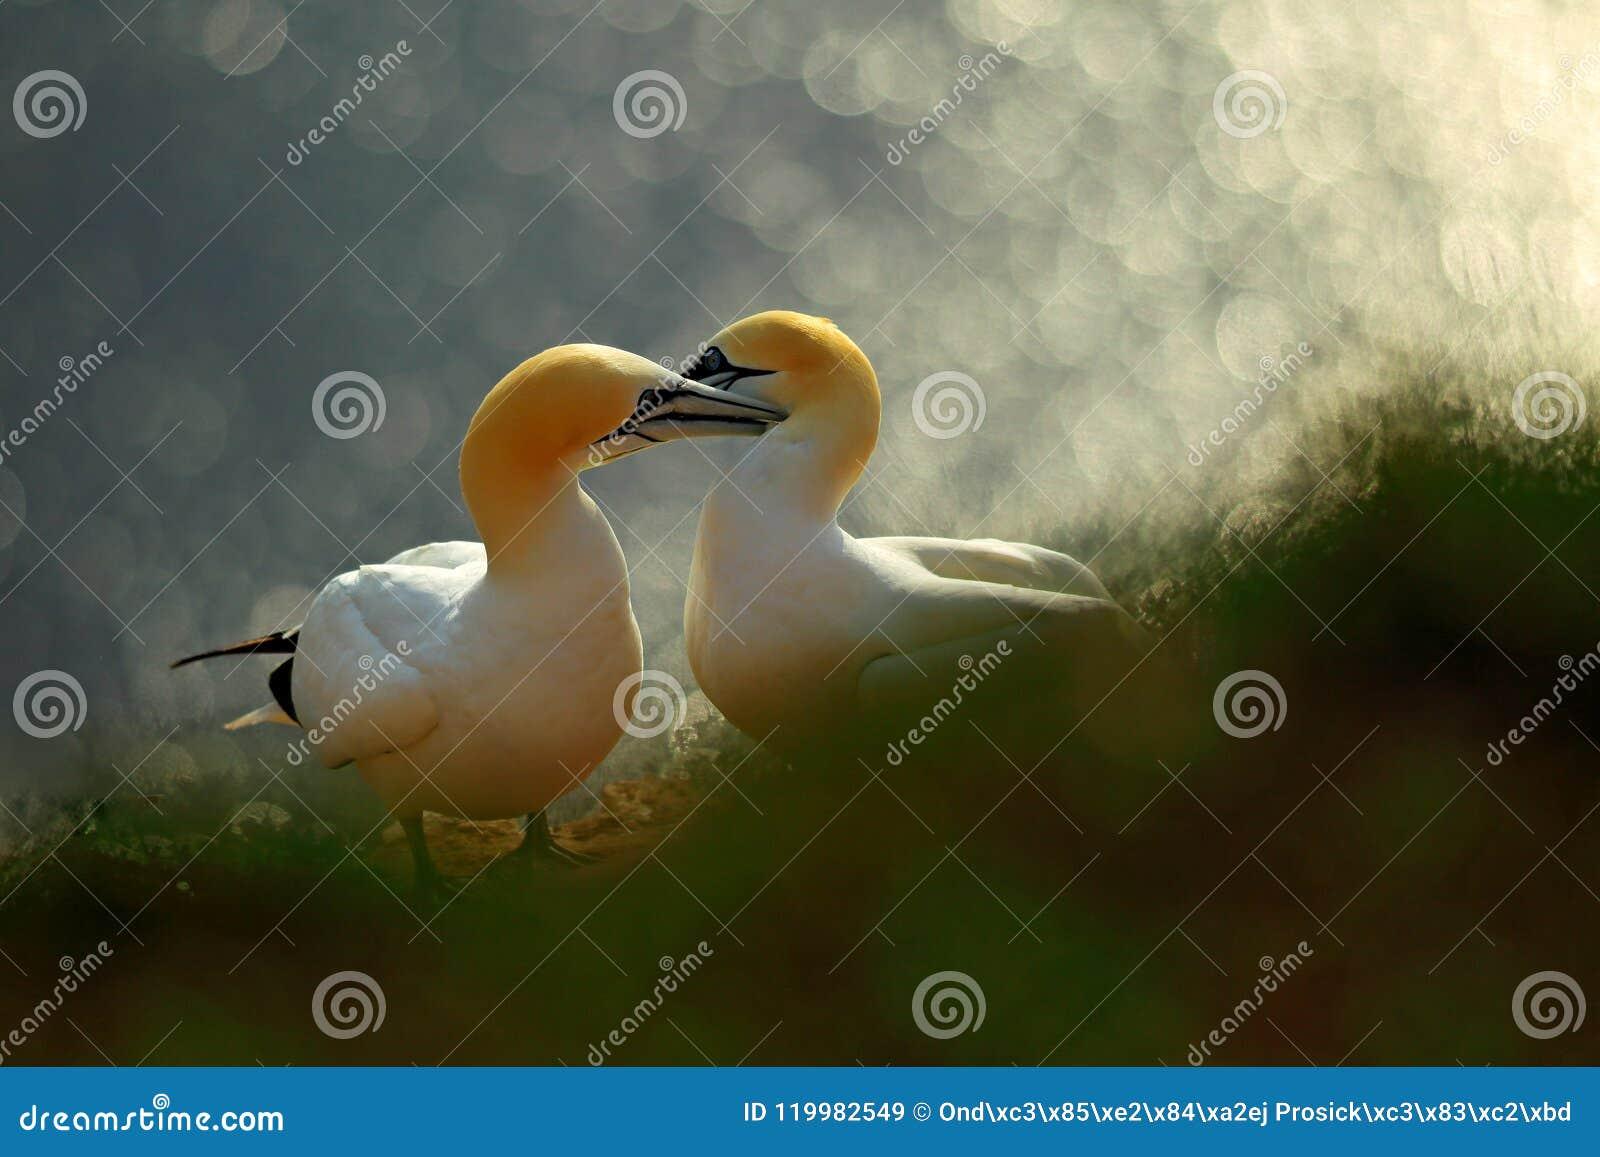 Leben auf Klippe Porträt von Paaren von Nord-Gannet, Sula bassana, orange Licht im Hintergrund glättend Liebe mit zwei Vögeln im